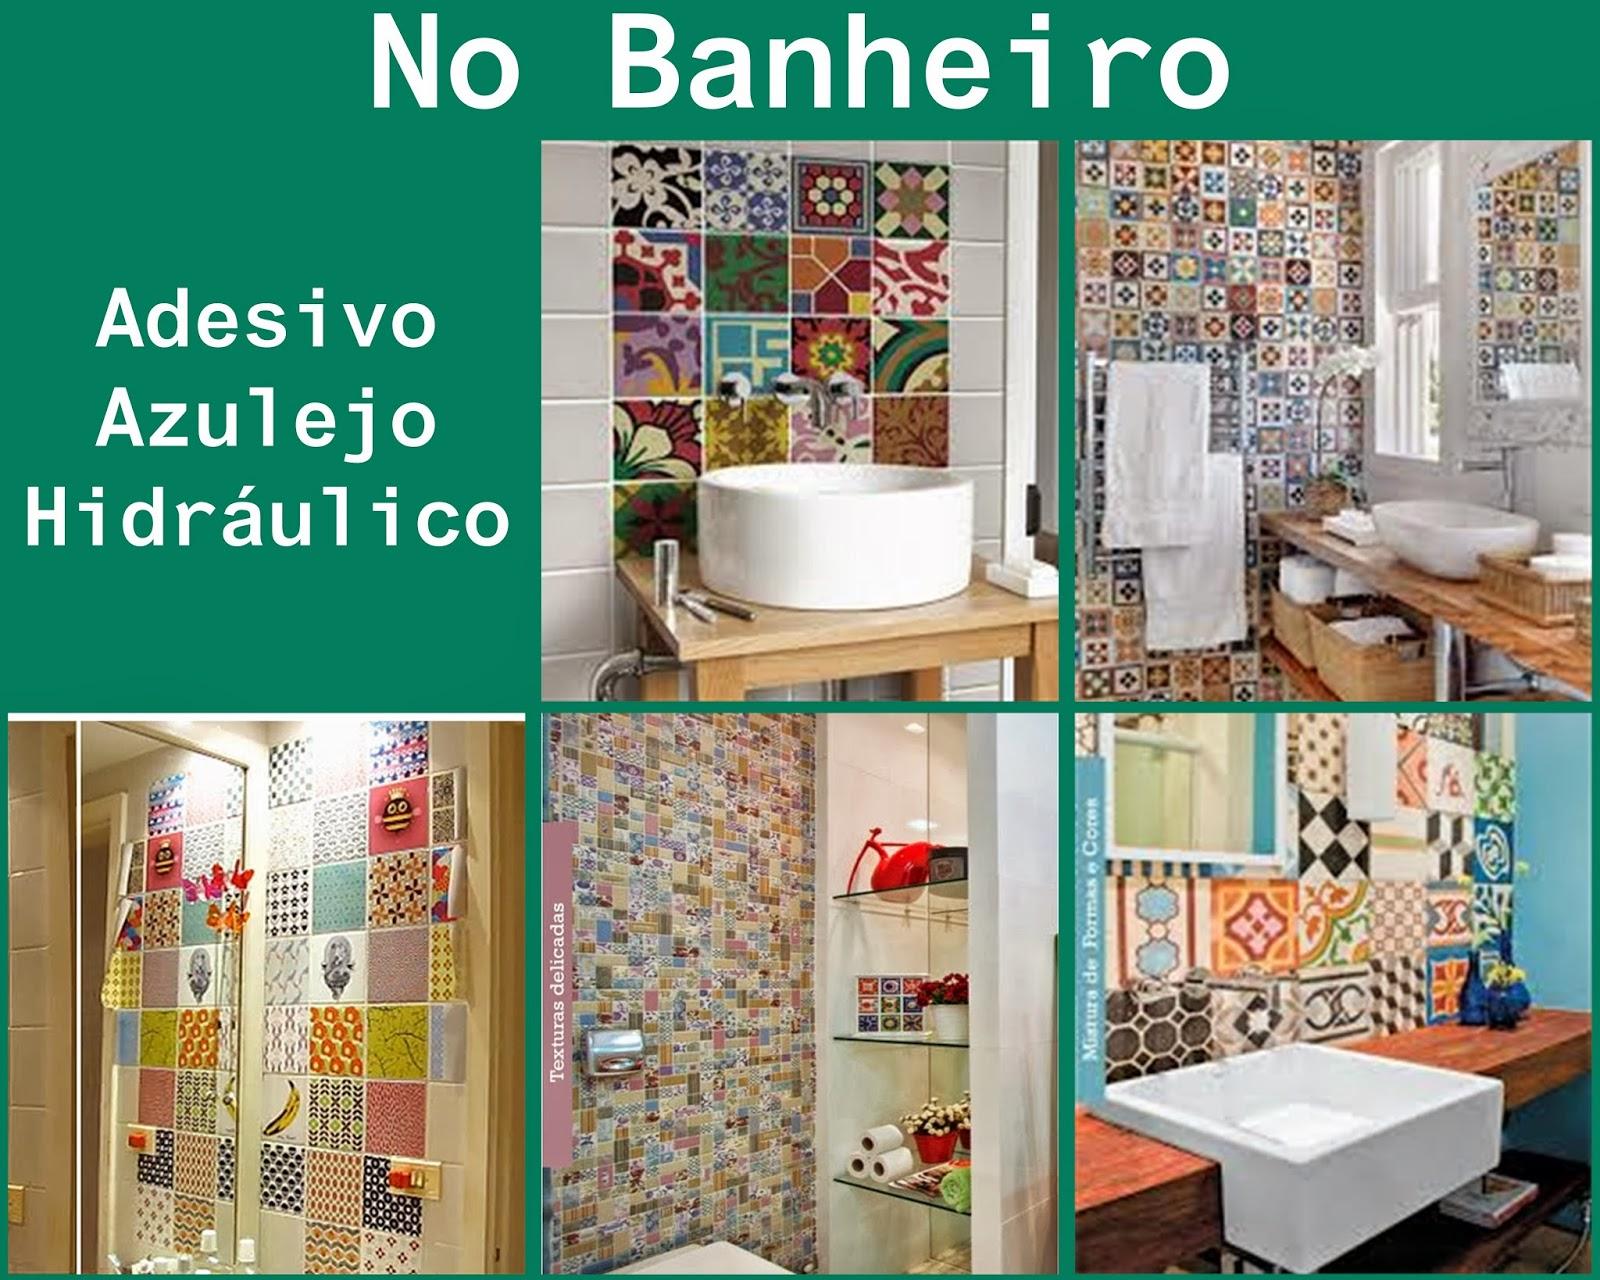 Em casa de Maria: Decorando com Adesivo de Azulejo Hidráulico #067D5E 1600x1280 Banheiro Com Adesivo De Azulejo